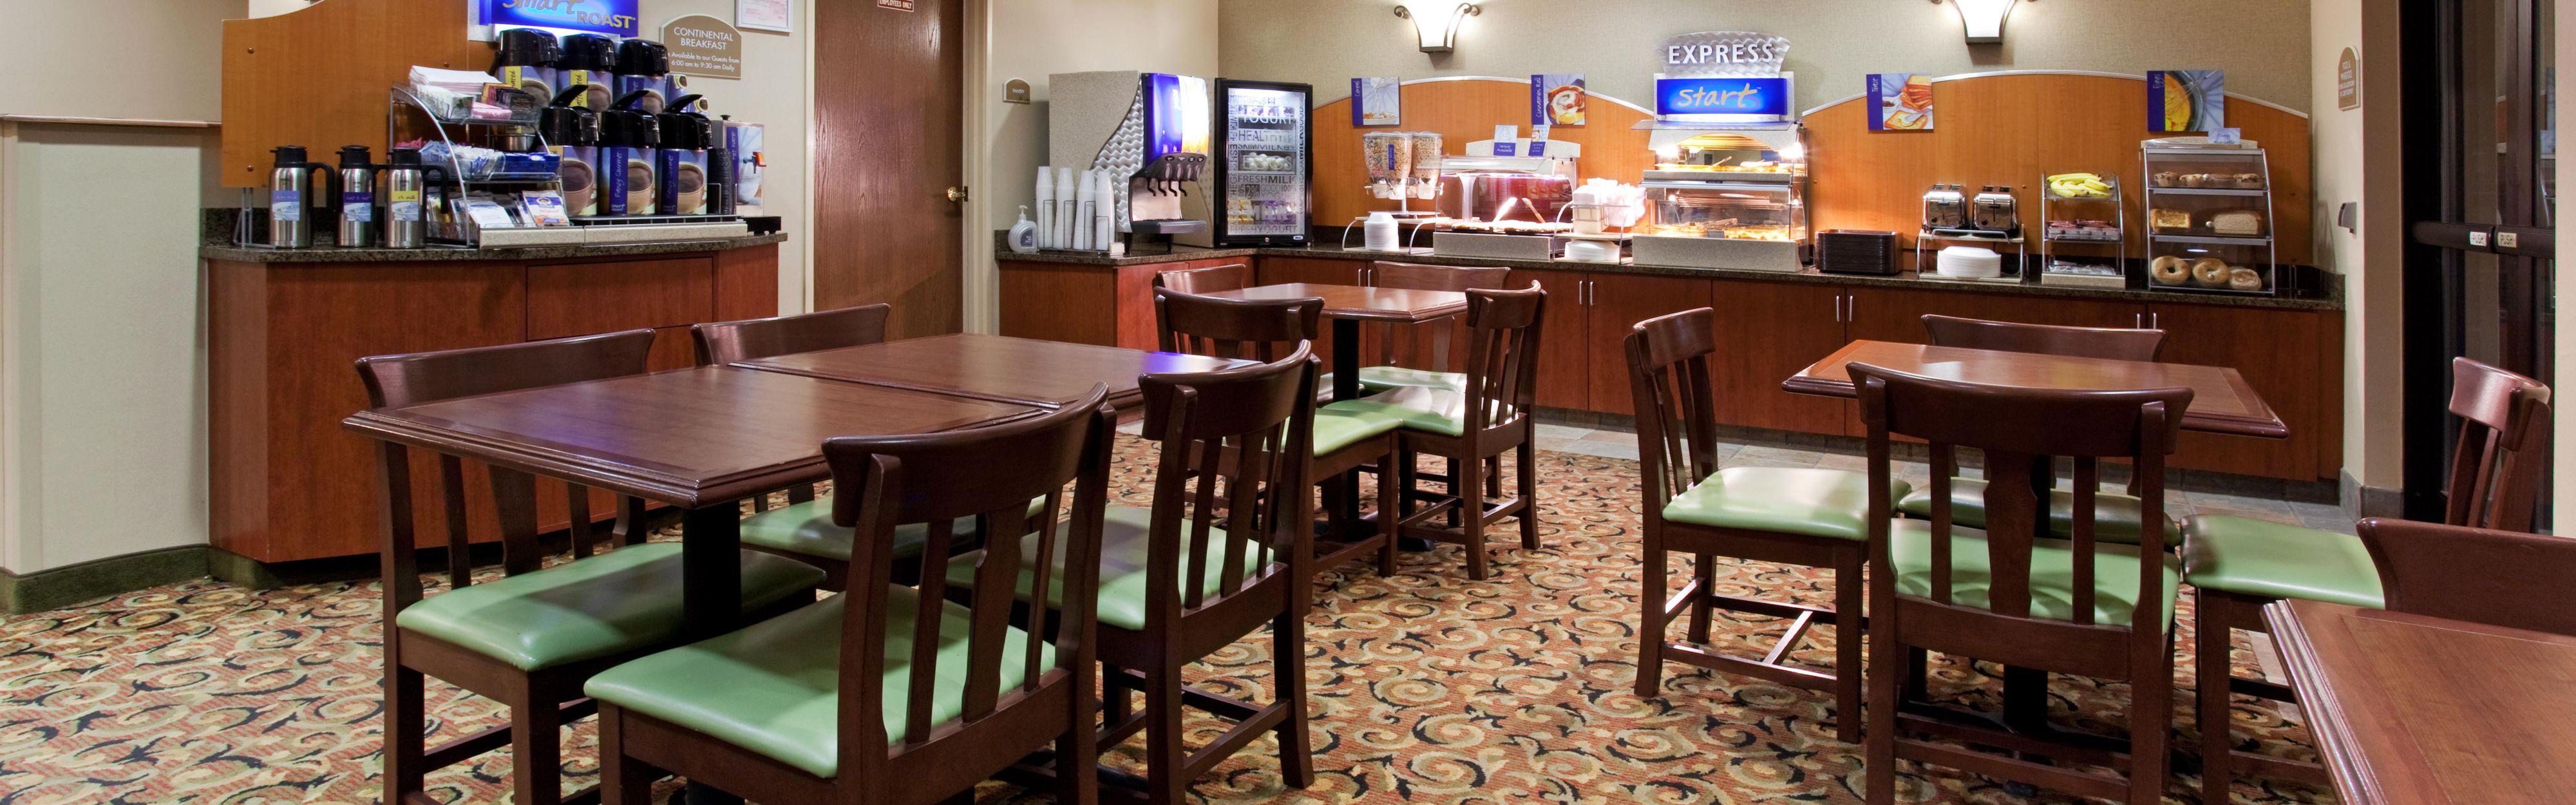 Holiday Inn Express Glenwood Springs (Aspen Area) image 3